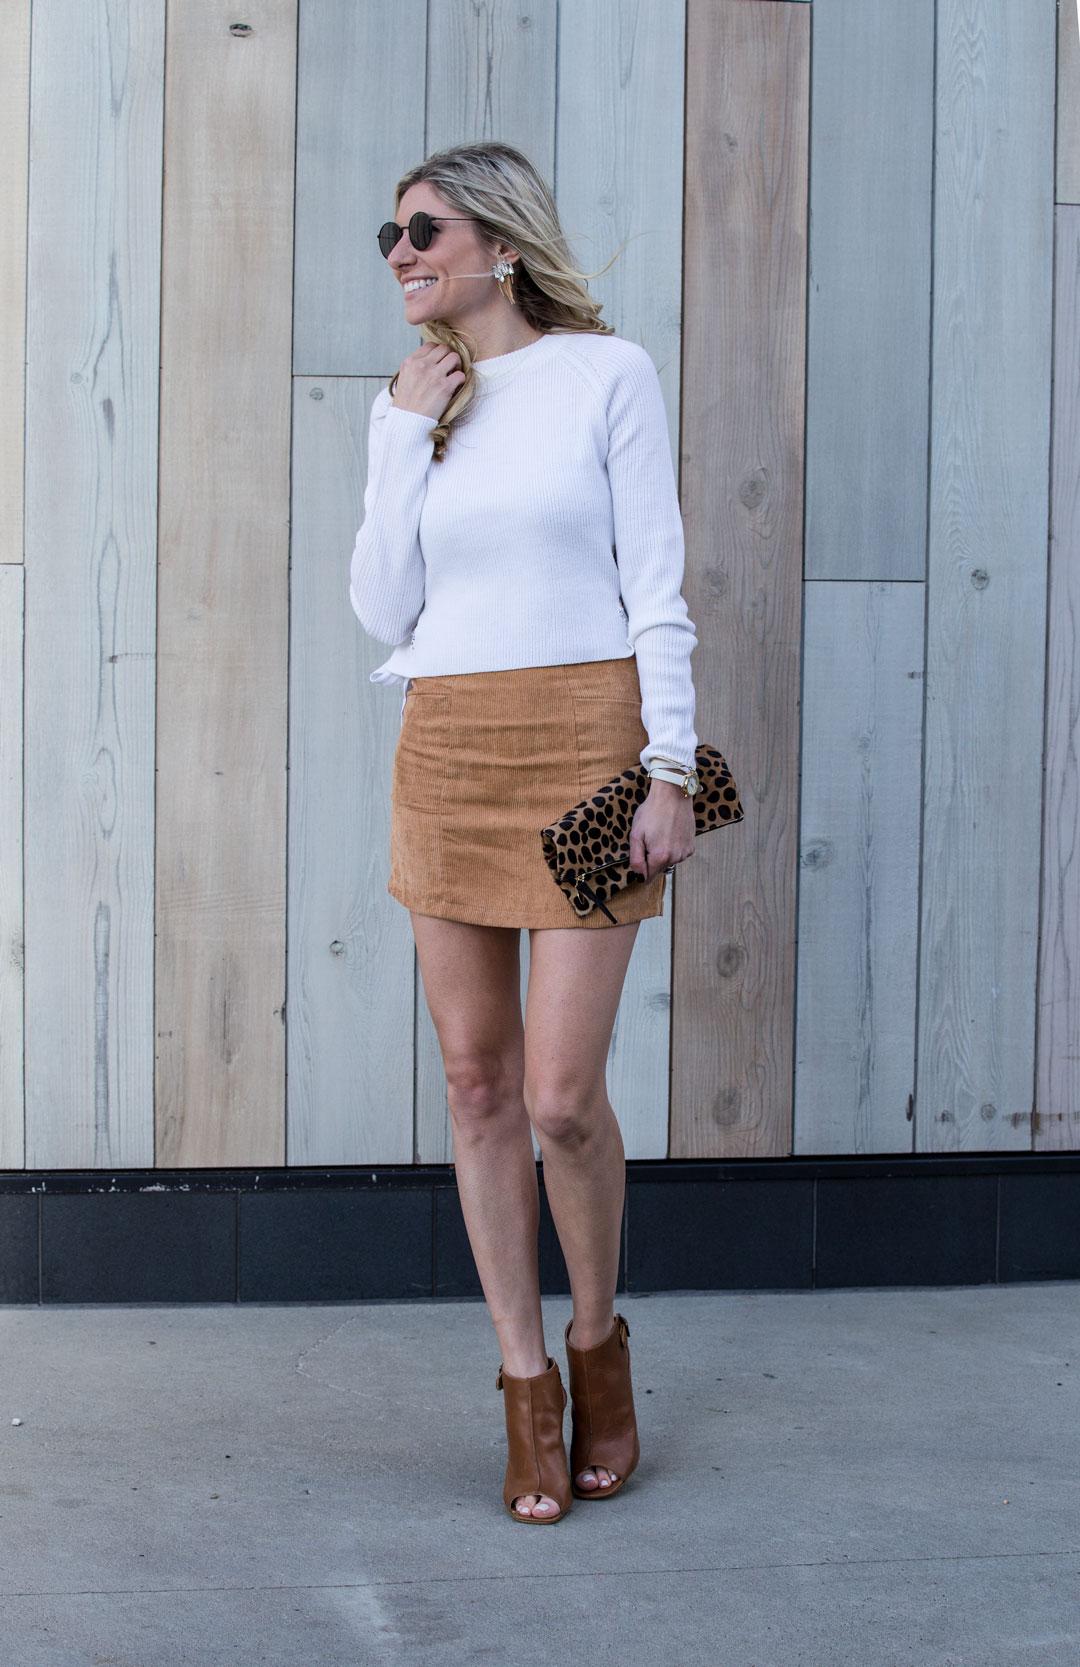 Shein Courderoy Skirt under $15